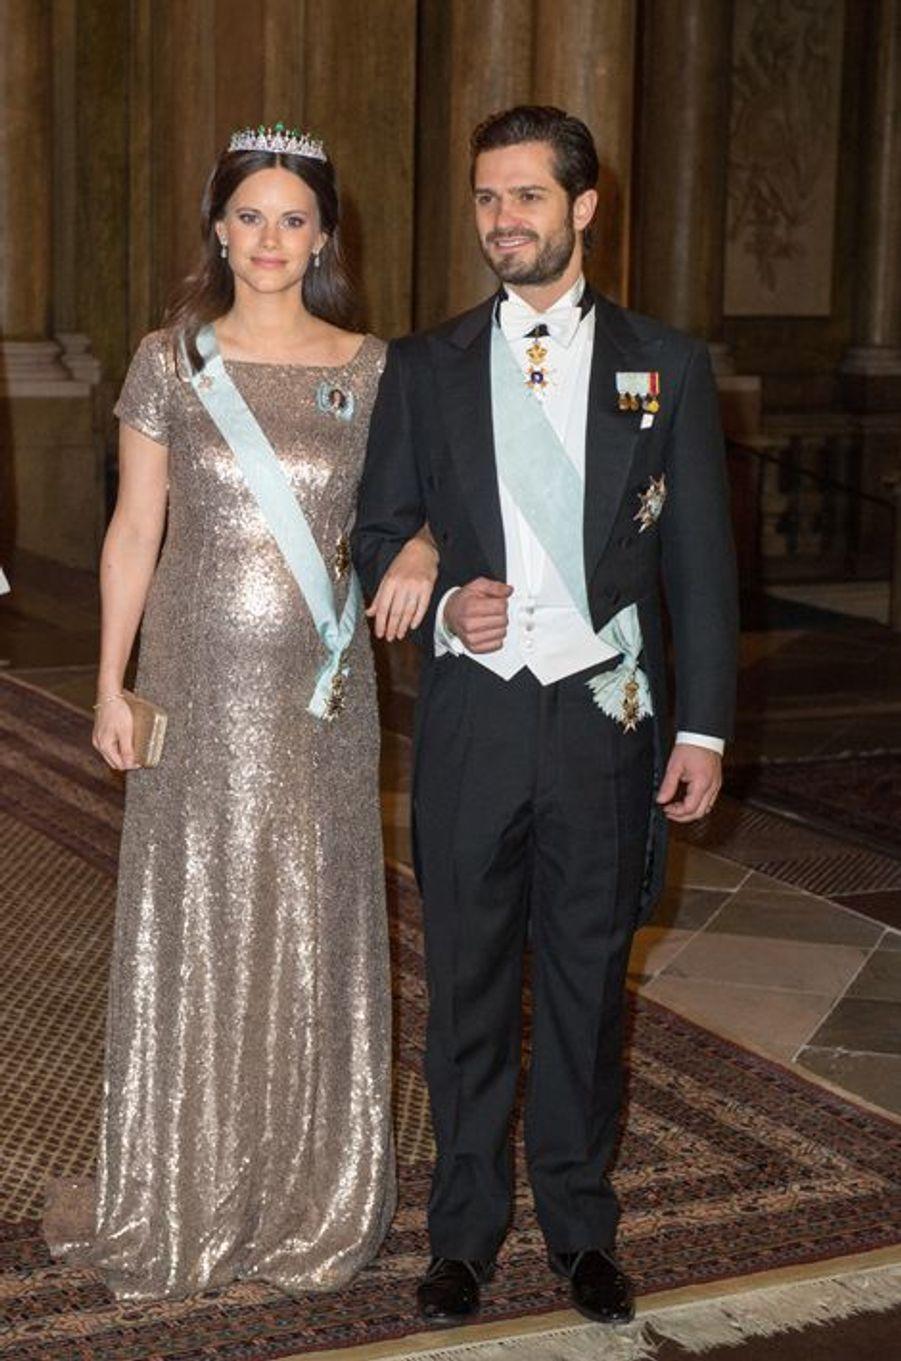 La princesse Sofia et le prince Carl Philip de Suède au Palais royal à Stockholm, le 3 février 2016